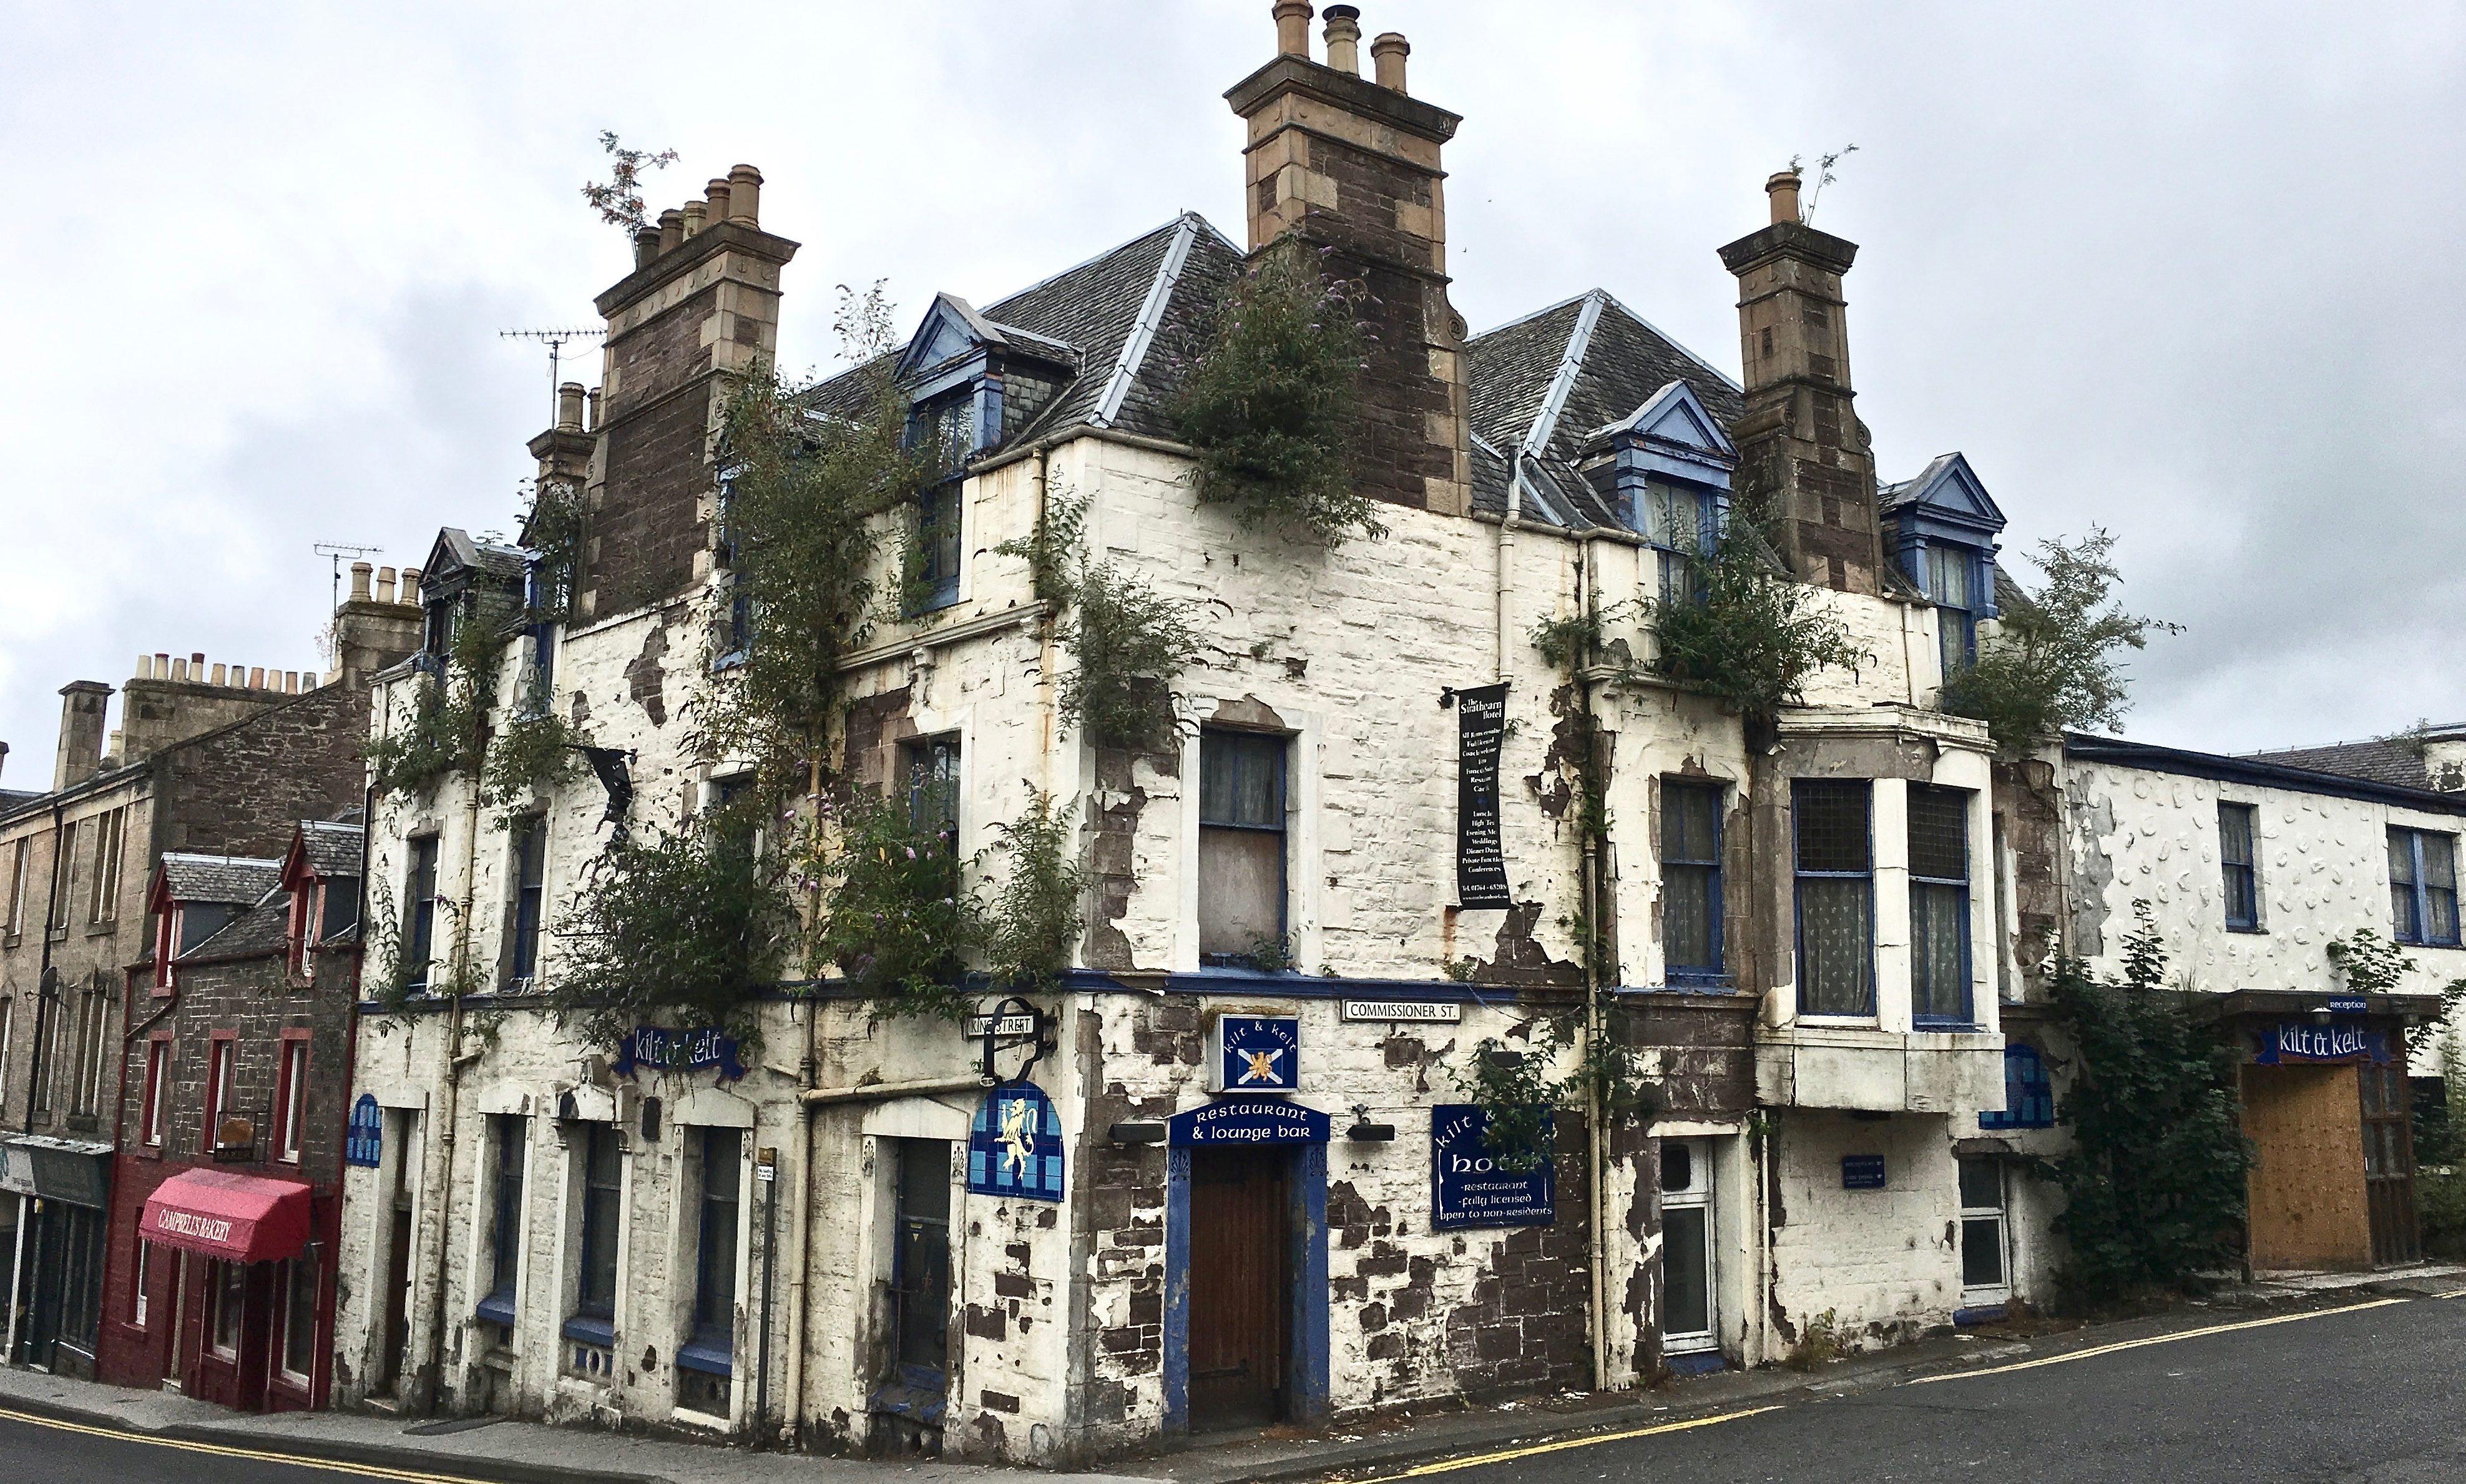 The derelict Strathearn Hotel in Crieff